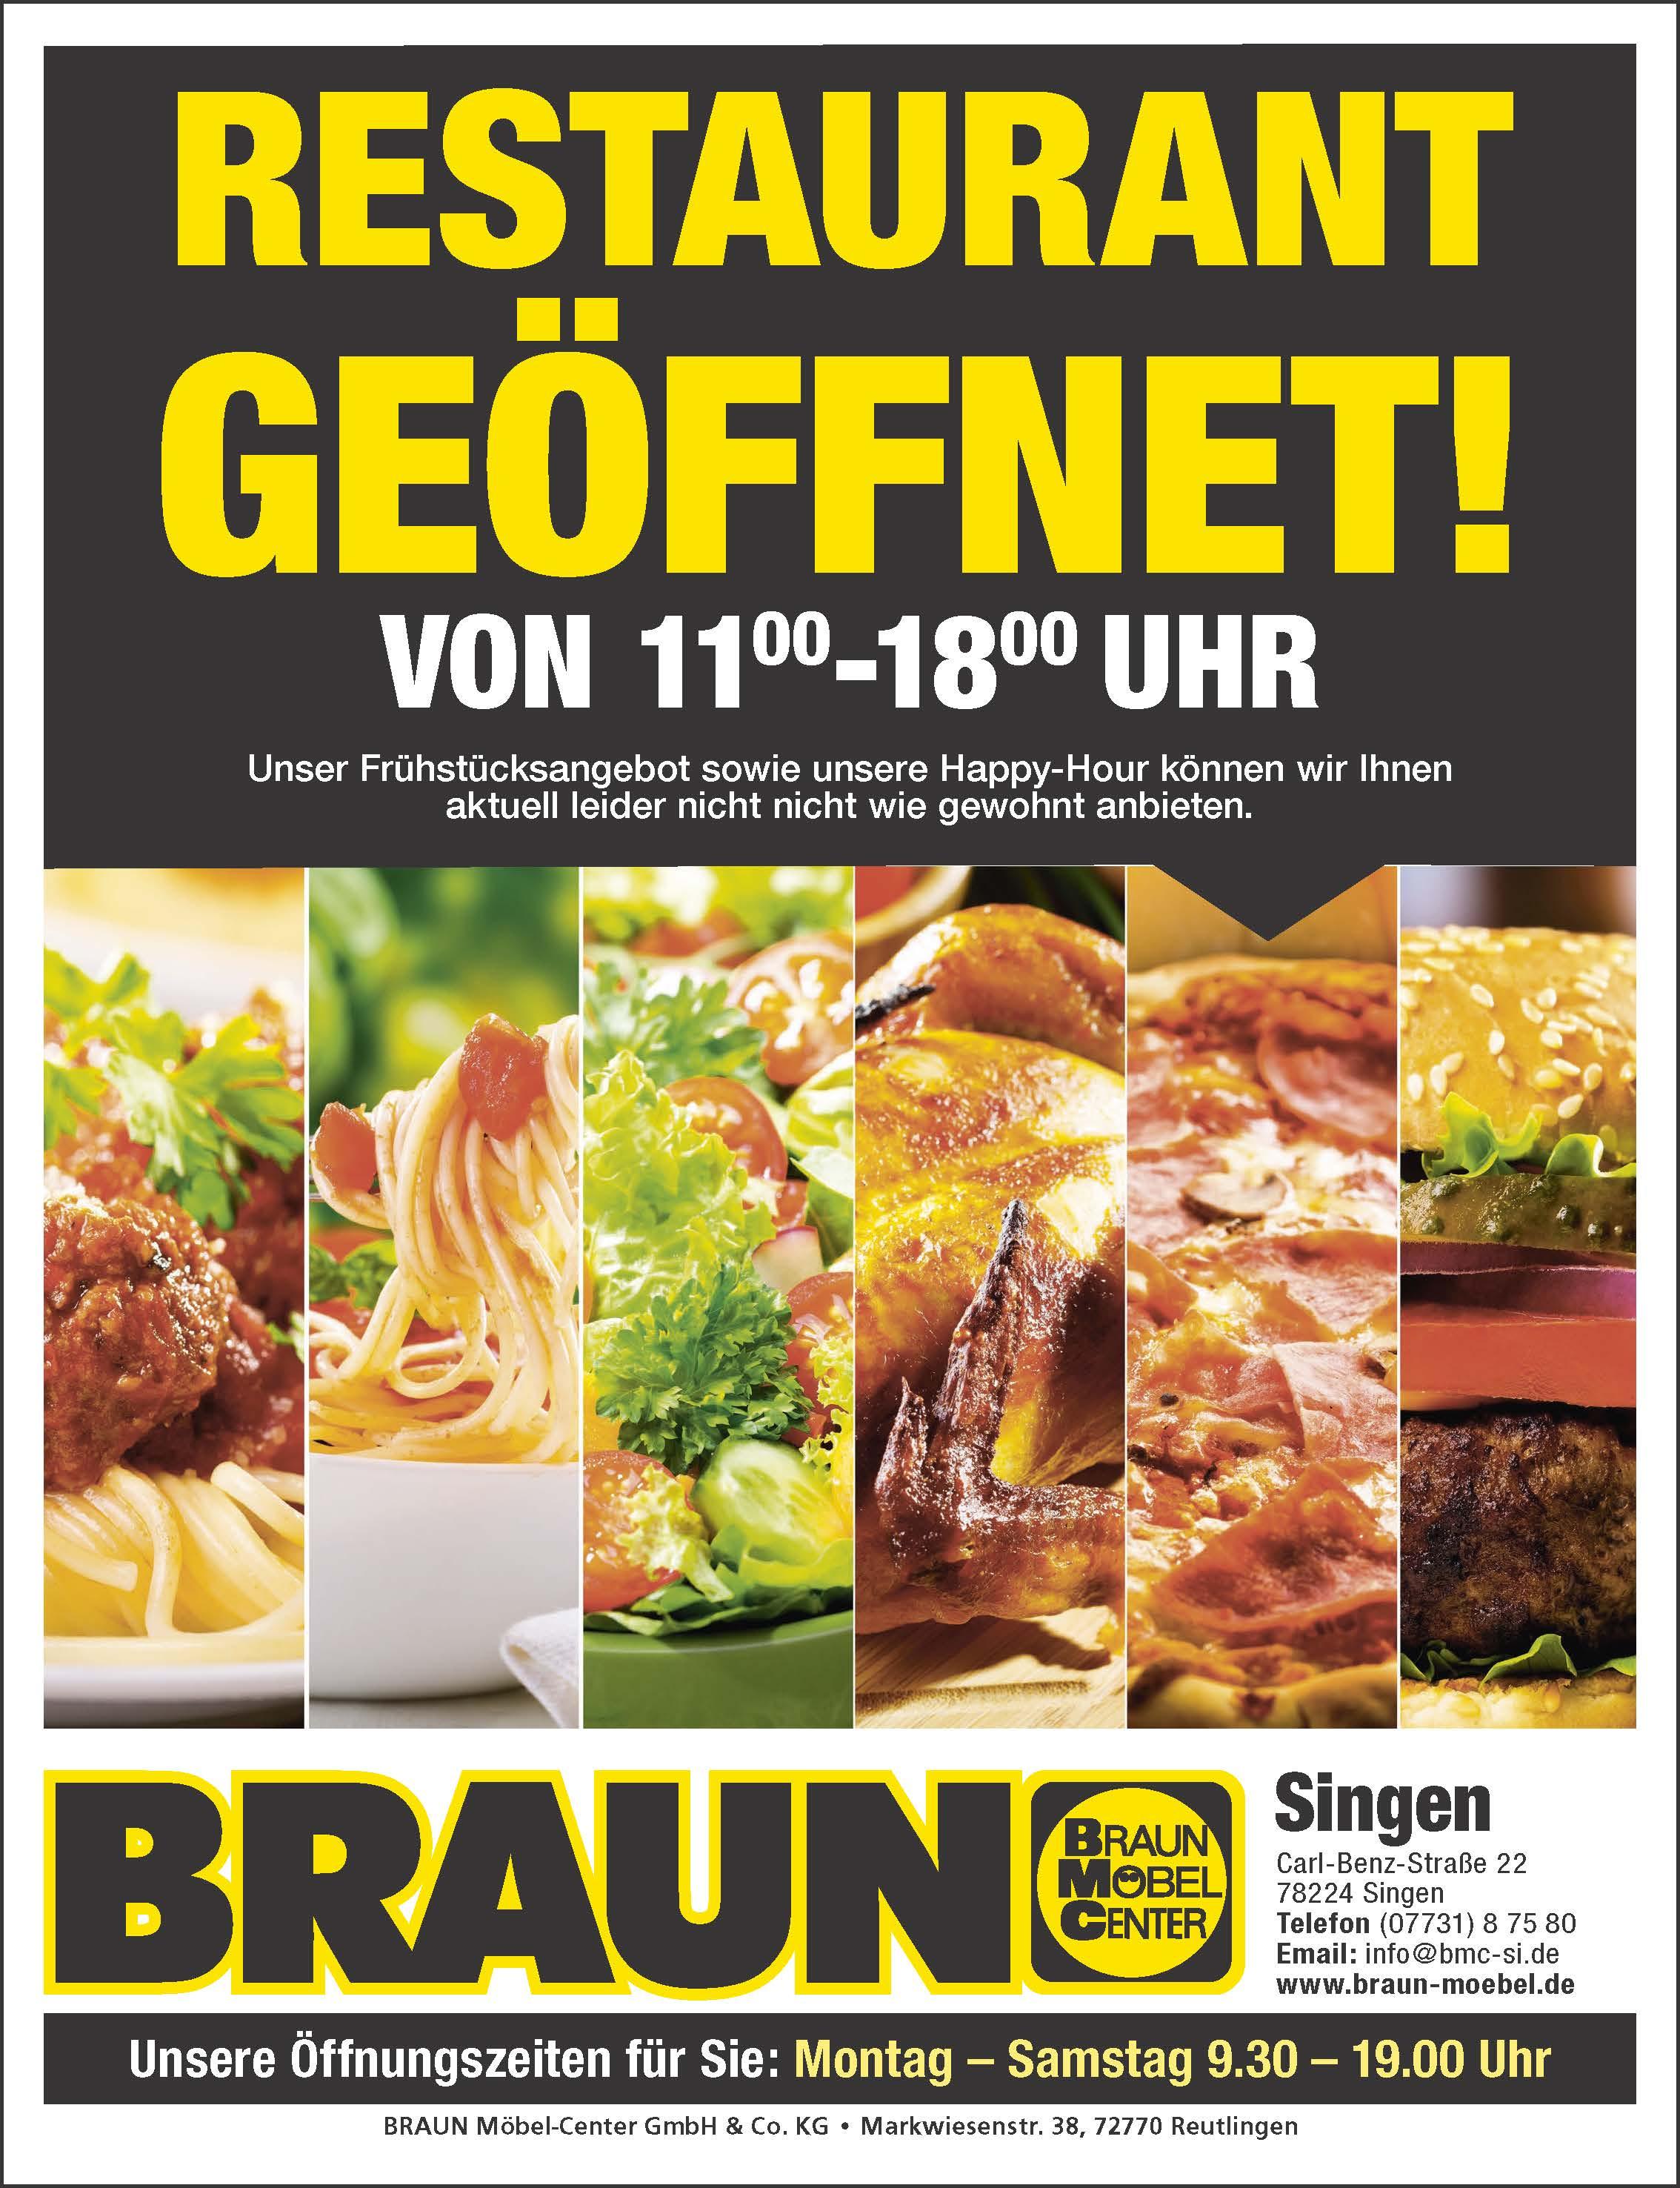 Extra Günstig Möbel Kaufen – Braun Möbel-Center destiné Möbel Braun Offenburg